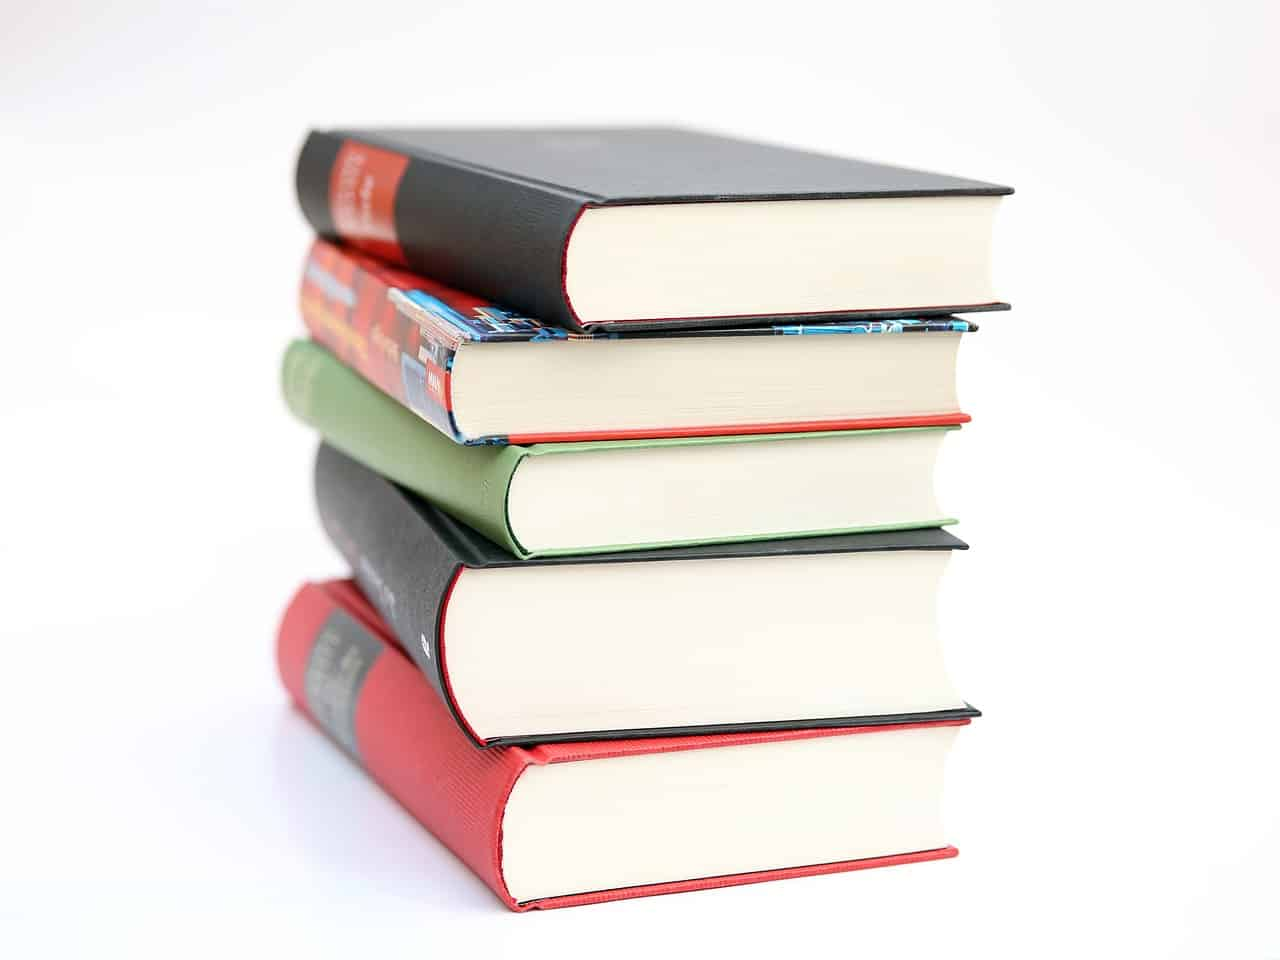 books 441866 1280 - ออกกำลังกายได้ด้วยของใช้ในบ้าน ไม่ต้องง้อเครื่องออกกำลังกายแพงๆ อีกต่อไป